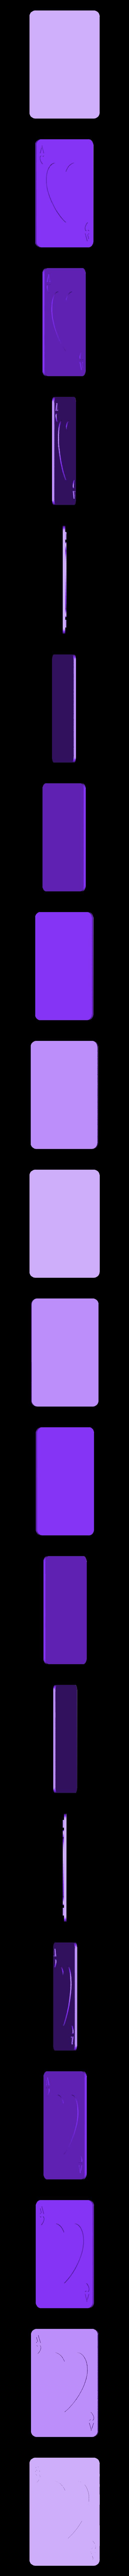 Hearts_1_bump.stl Télécharger fichier SCAD gratuit Les cartes à jouer • Objet imprimable en 3D, yvrogne59